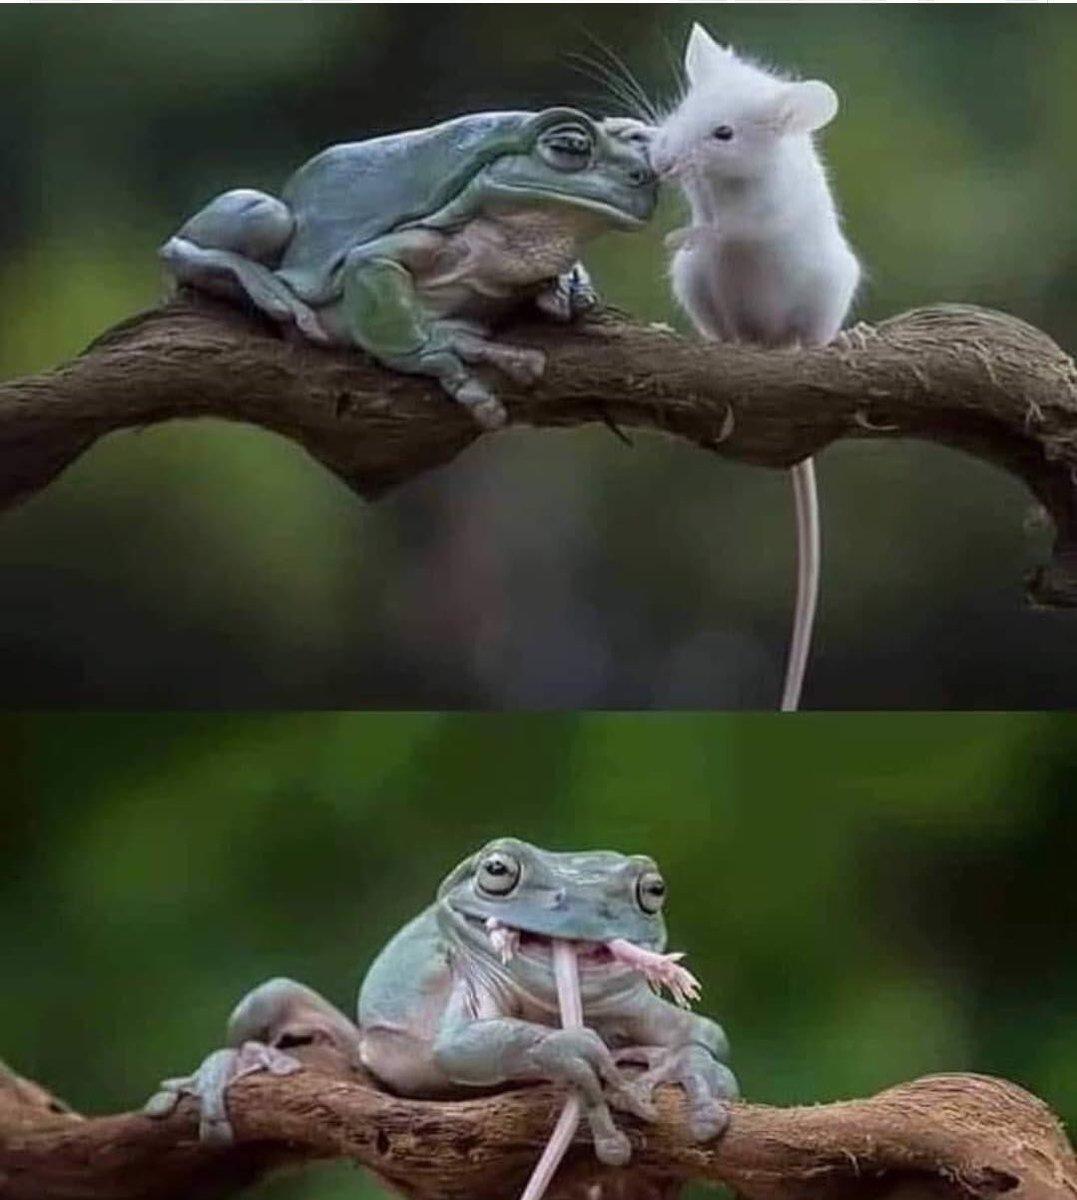 عاقبت دردناک کنجکاوی موش + عکس